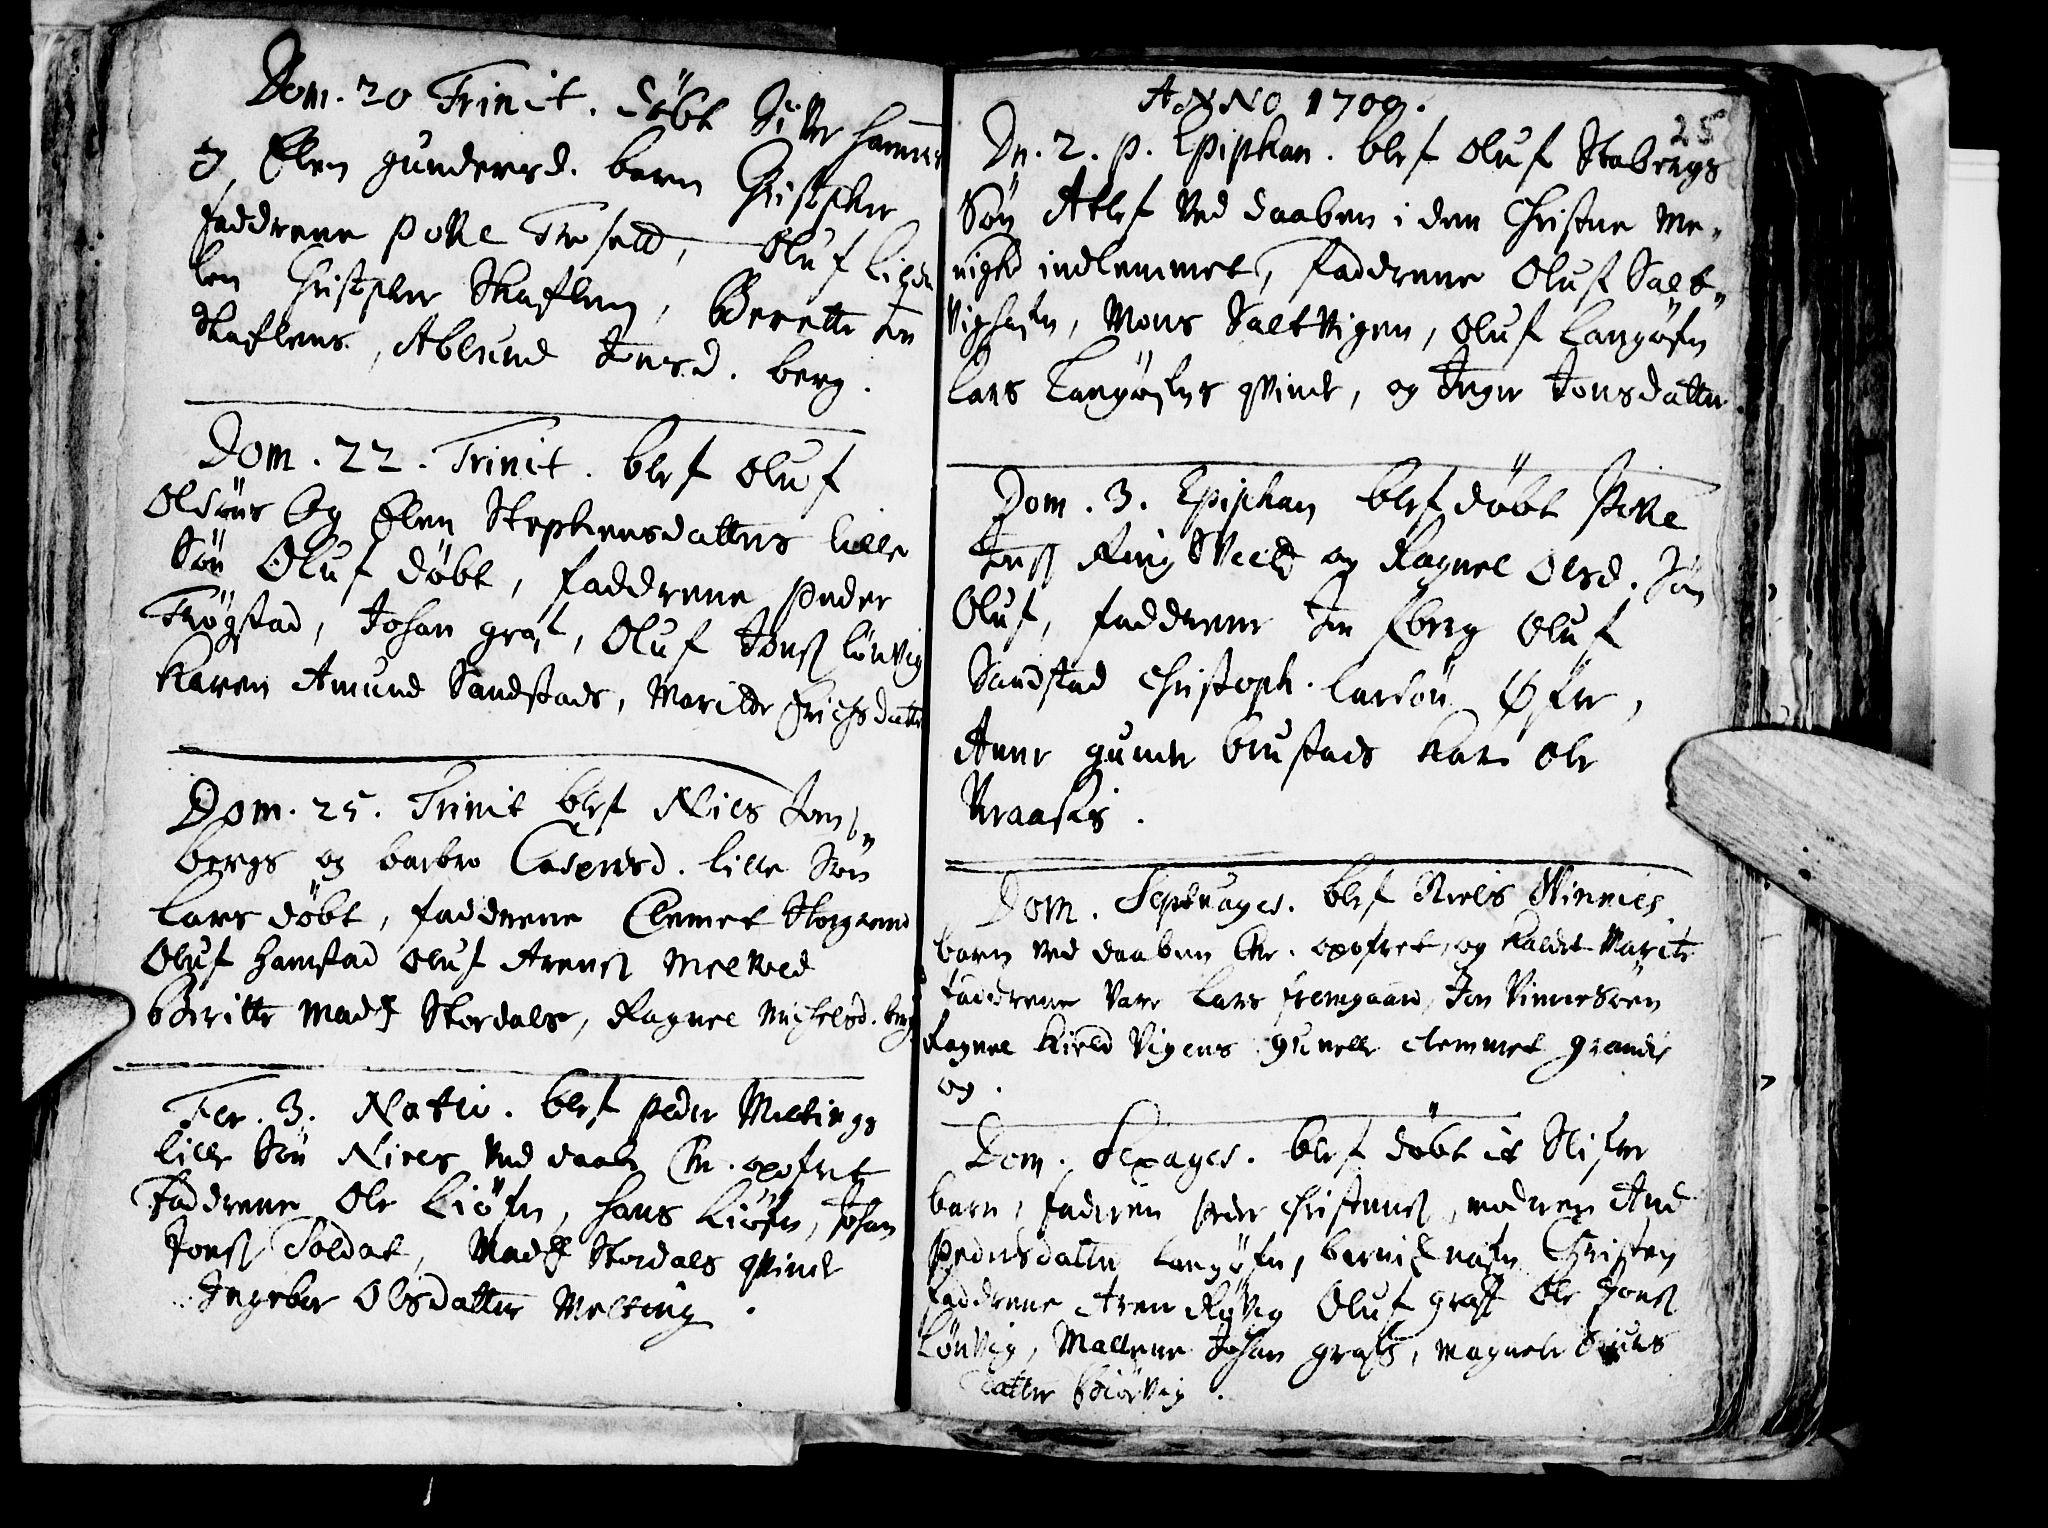 SAT, Ministerialprotokoller, klokkerbøker og fødselsregistre - Nord-Trøndelag, 722/L0214: Ministerialbok nr. 722A01, 1692-1718, s. 25